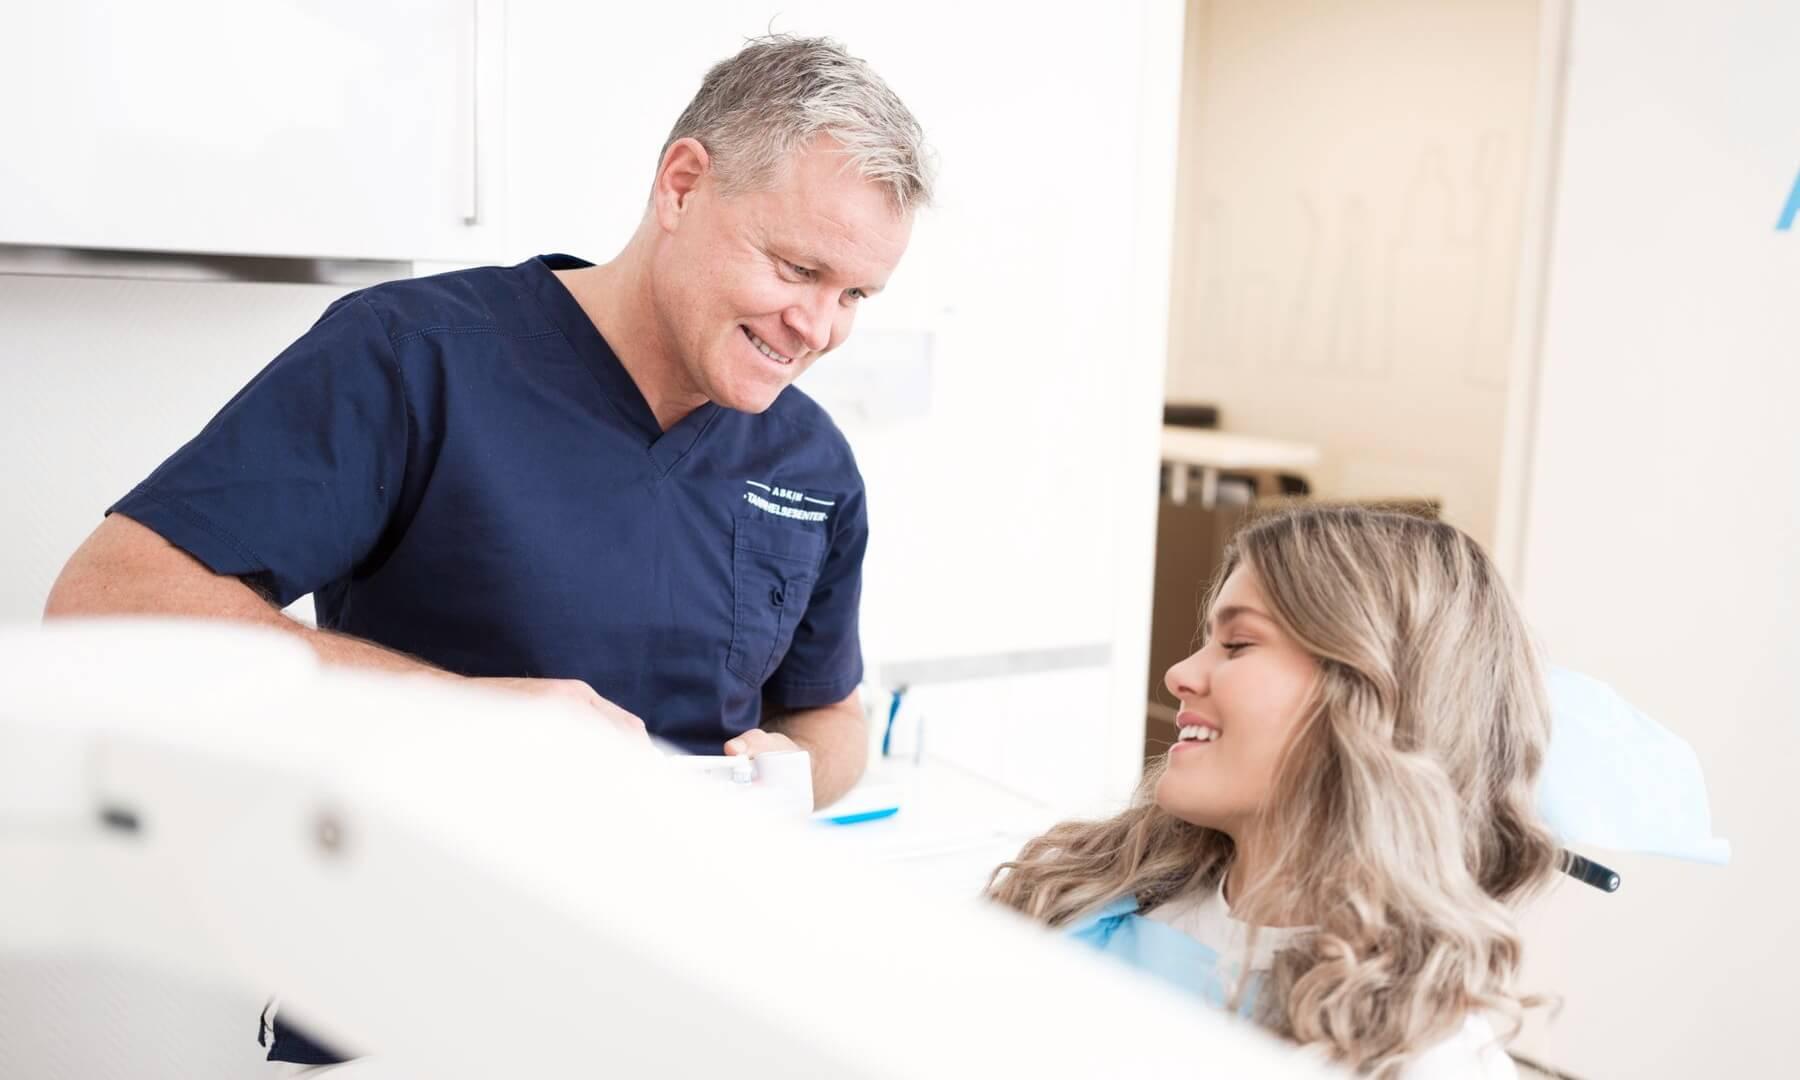 KAN LØSES: Tannlege Øivind Berg anbefaler Zinkoral til pasienter som ønsker frisk pust.